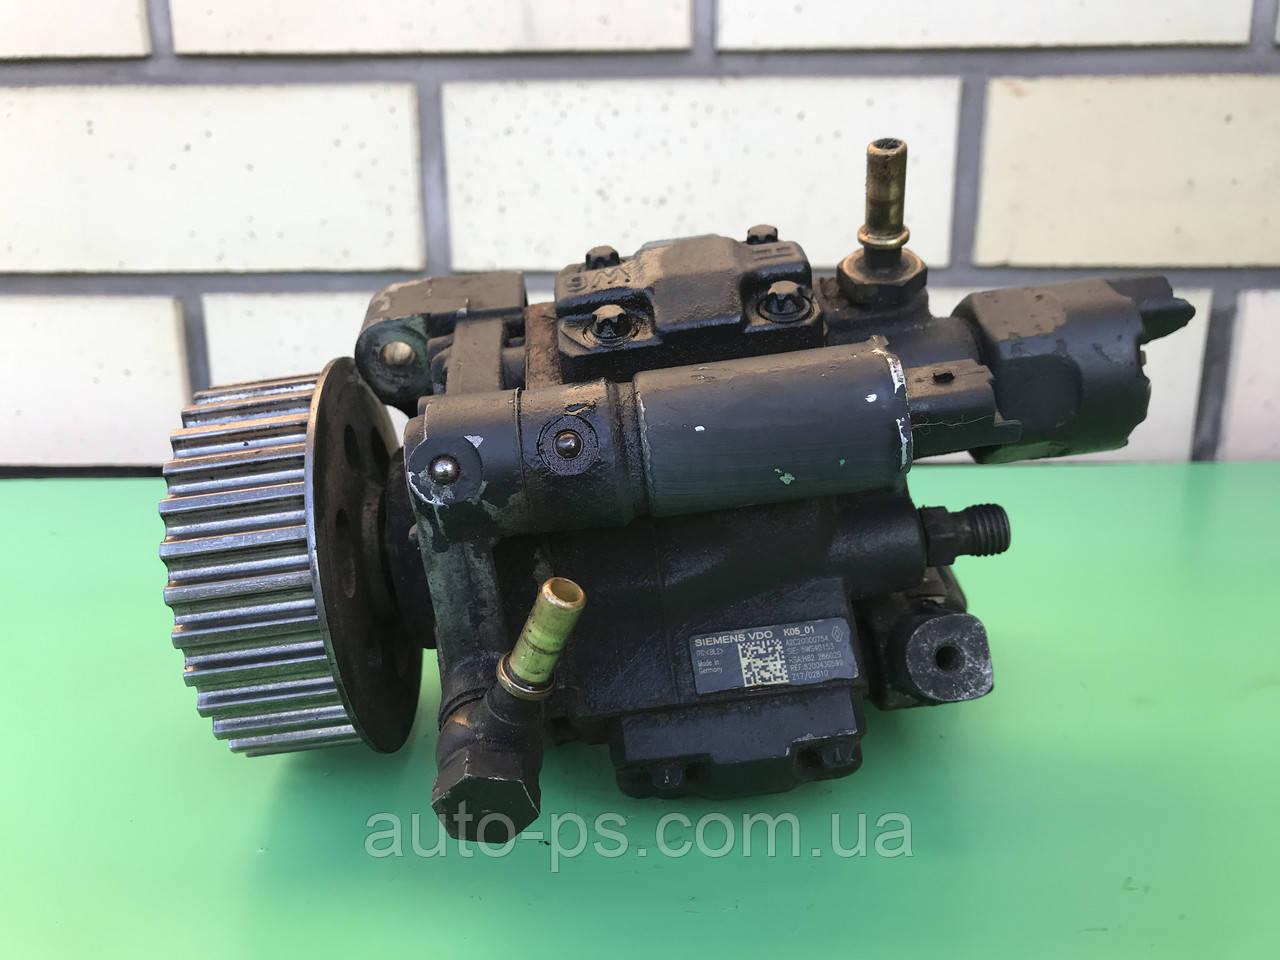 Топливный насос высокого давления (ТНВД) Renault Kangoo 1.5dCi